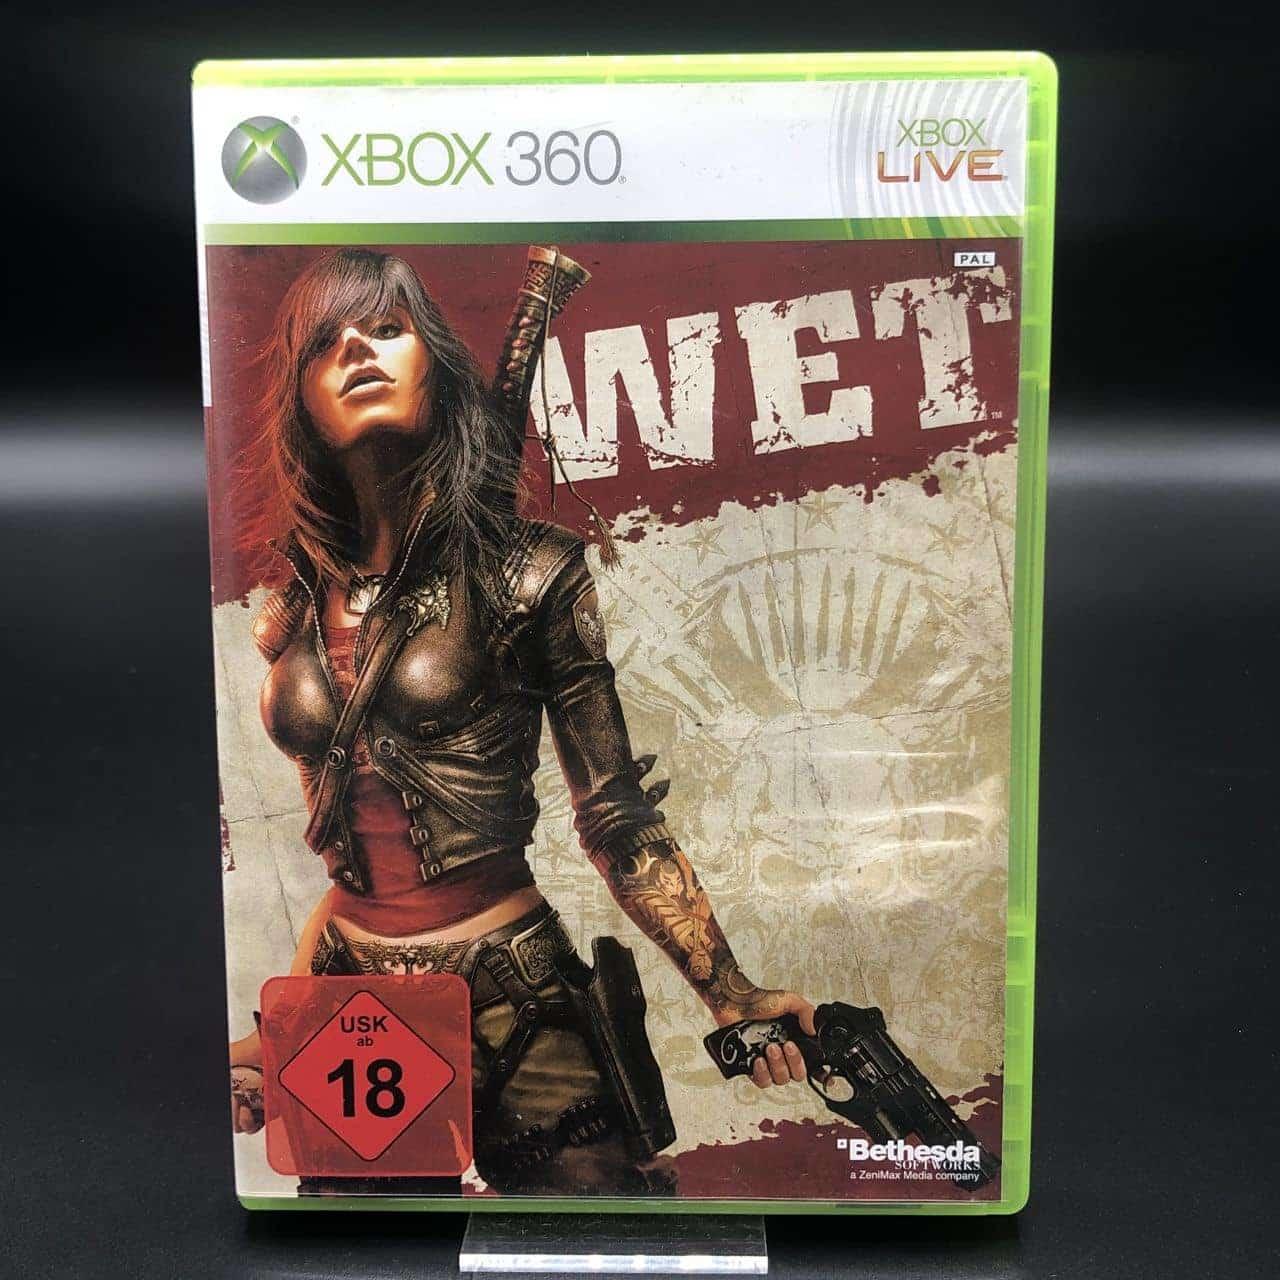 Wet (Komplett) (Sehr gut) XBOX 360 (FSK18)